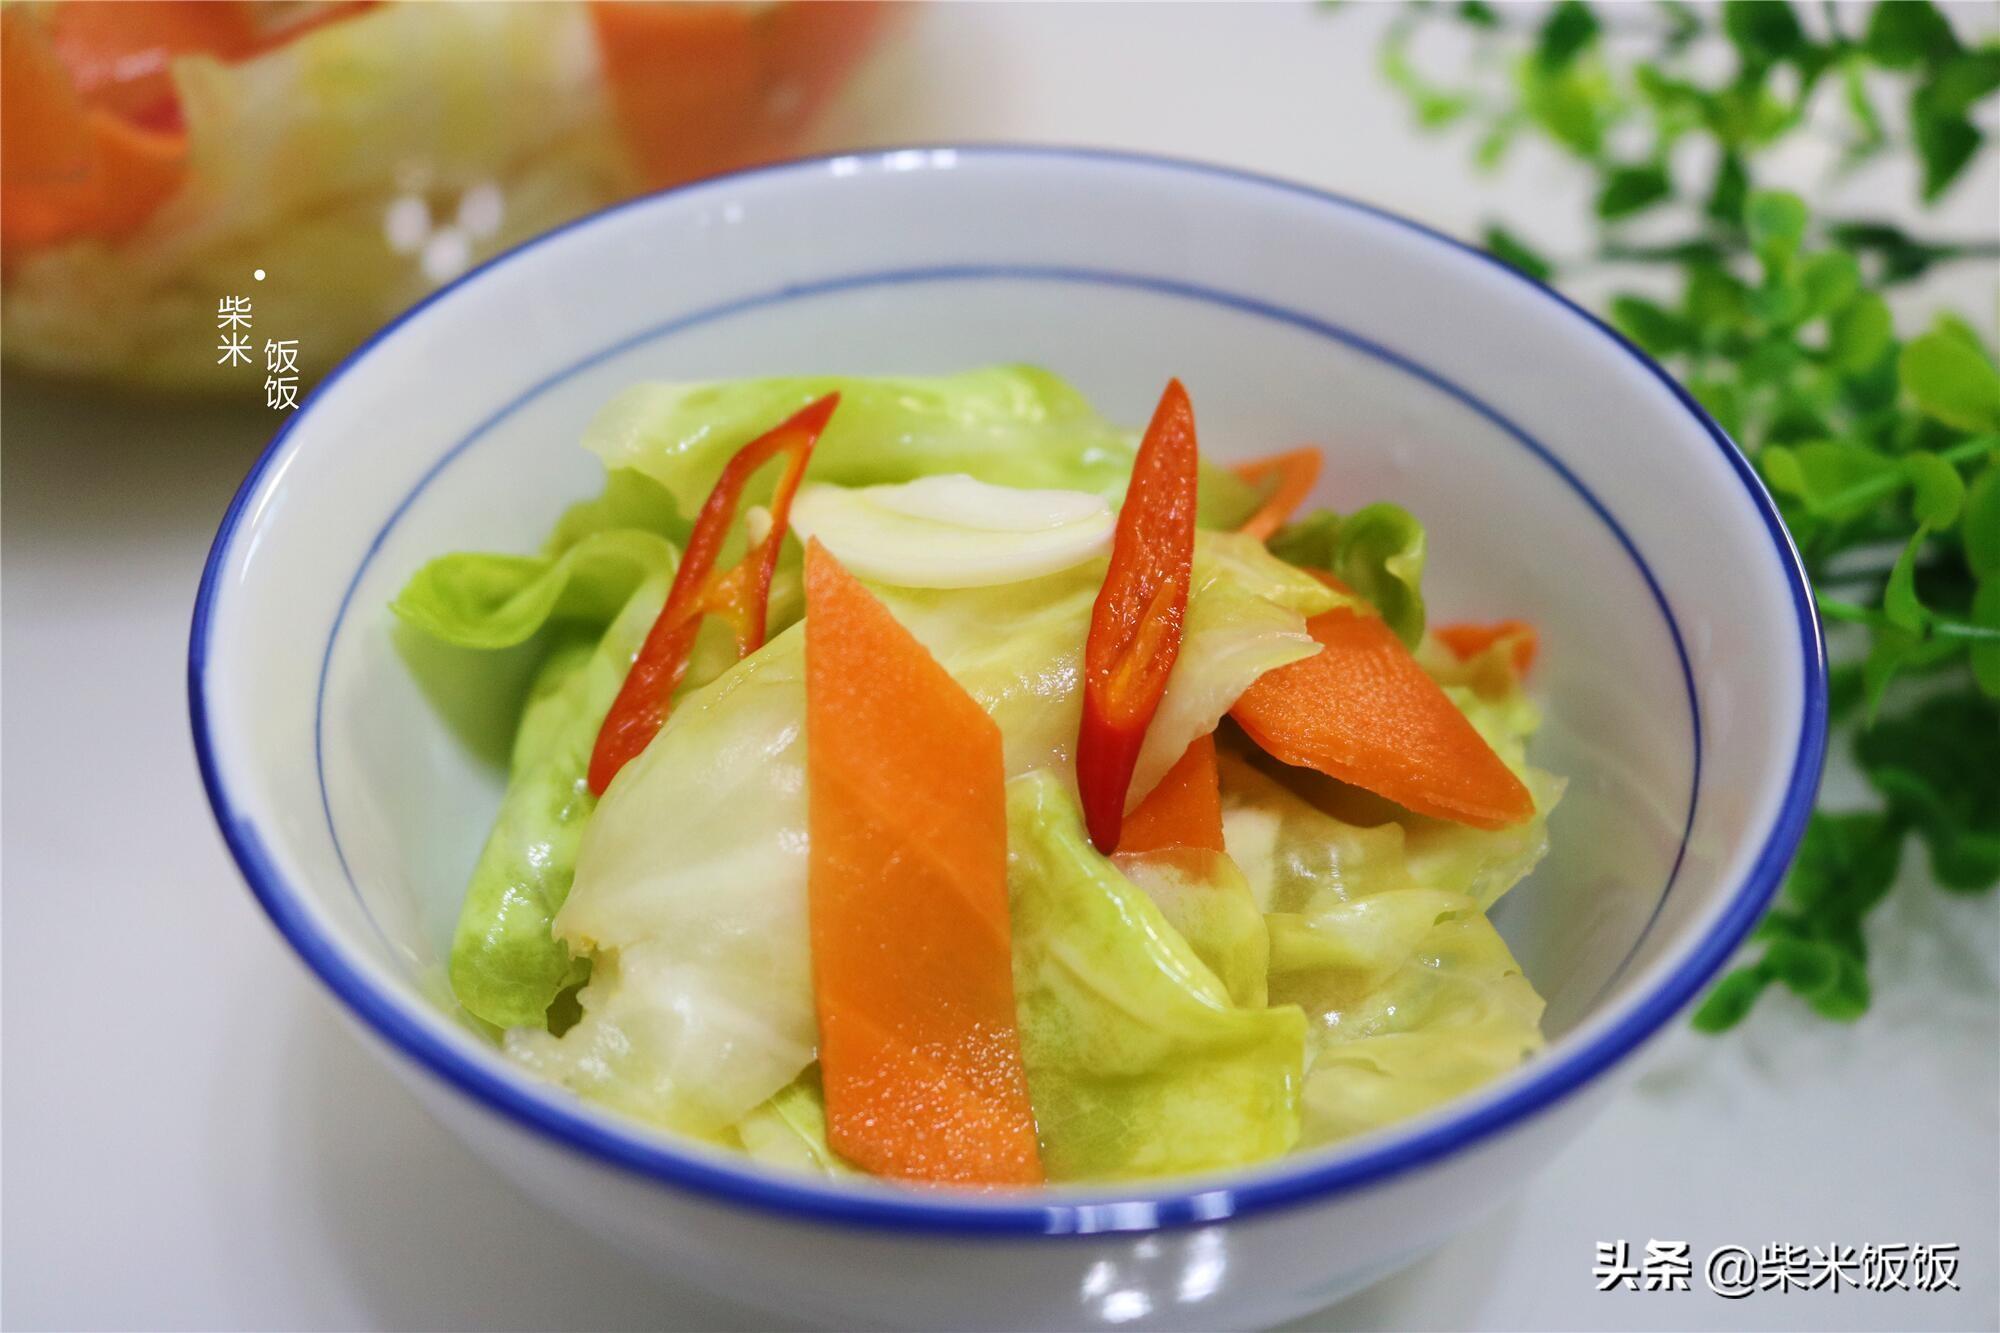 家常泡菜做法,方法简单,爽脆又开胃 美食做法 第9张